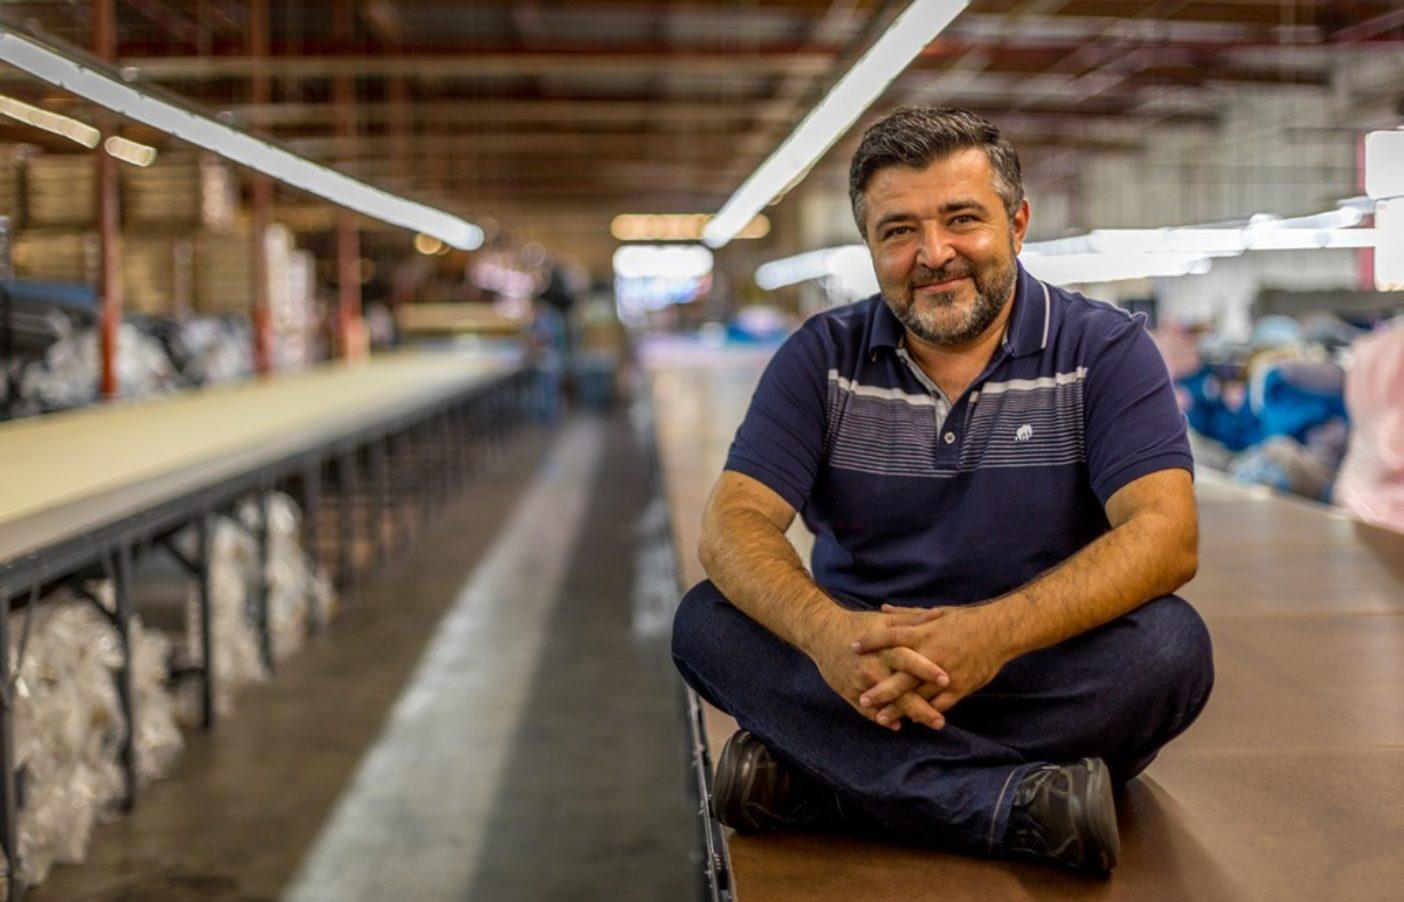 パタゴニアのTシャツを作るカリフォルニア州ロサンゼルスのネイチャーUSAの社員は、1〜2週間分の給与に相当するボーナスとして配分することに投票した。写真:Tim Davis